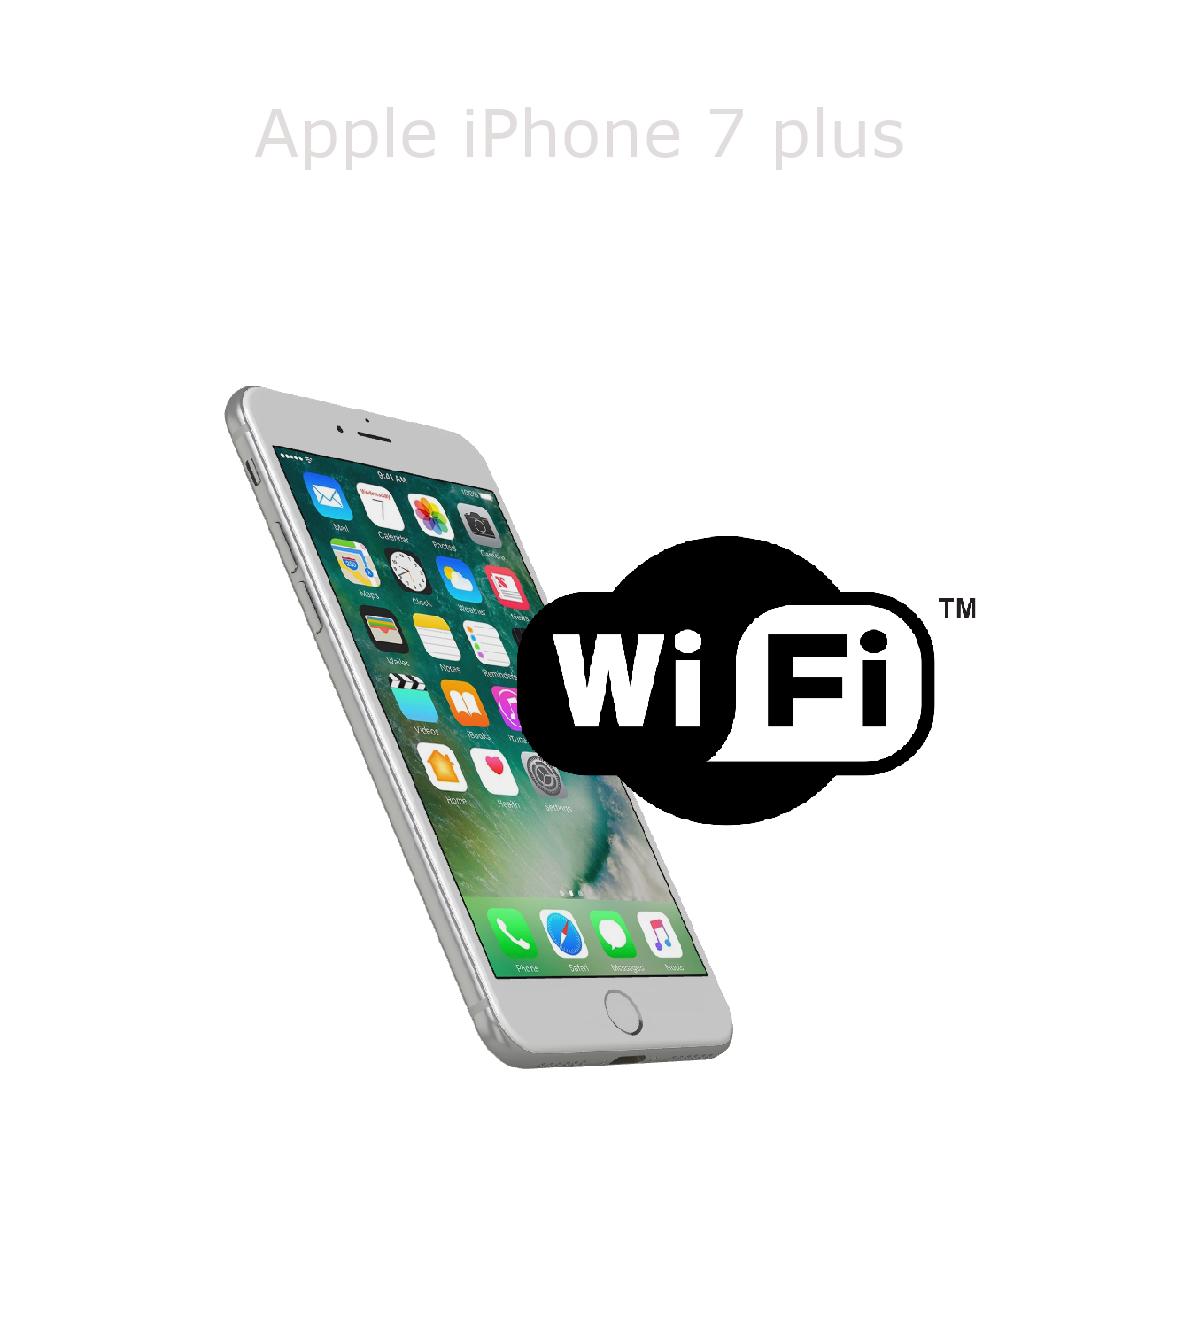 Laga Wifi iPhone 7 plus